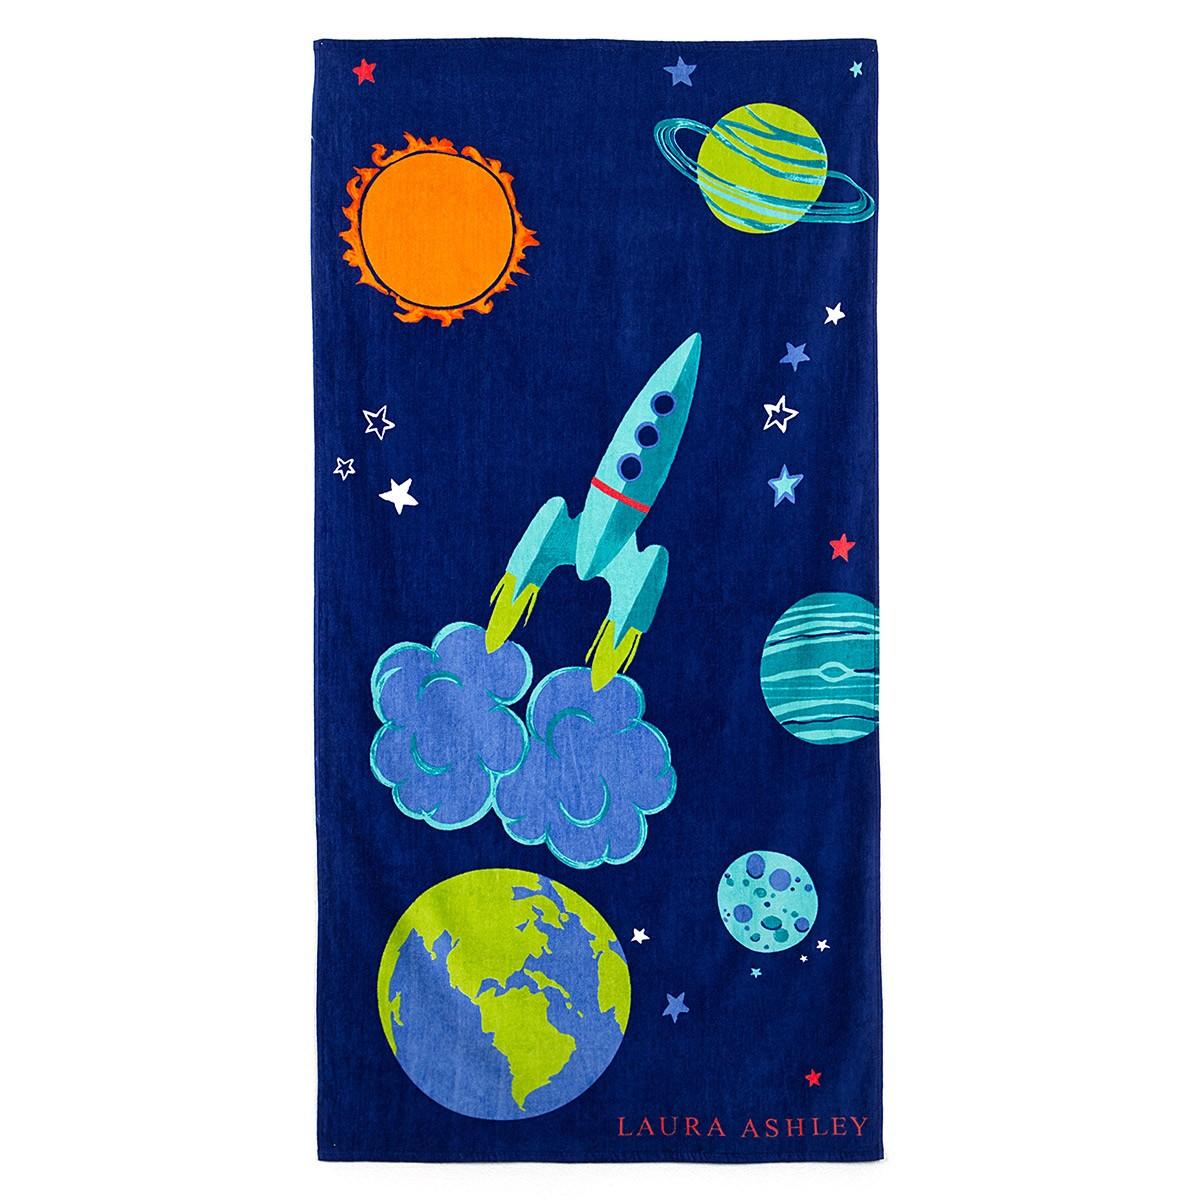 Παιδική Πετσέτα Θαλάσσης Laura Ashley Rocket home   θαλάσσης   πετσέτες θαλάσσης παιδικές